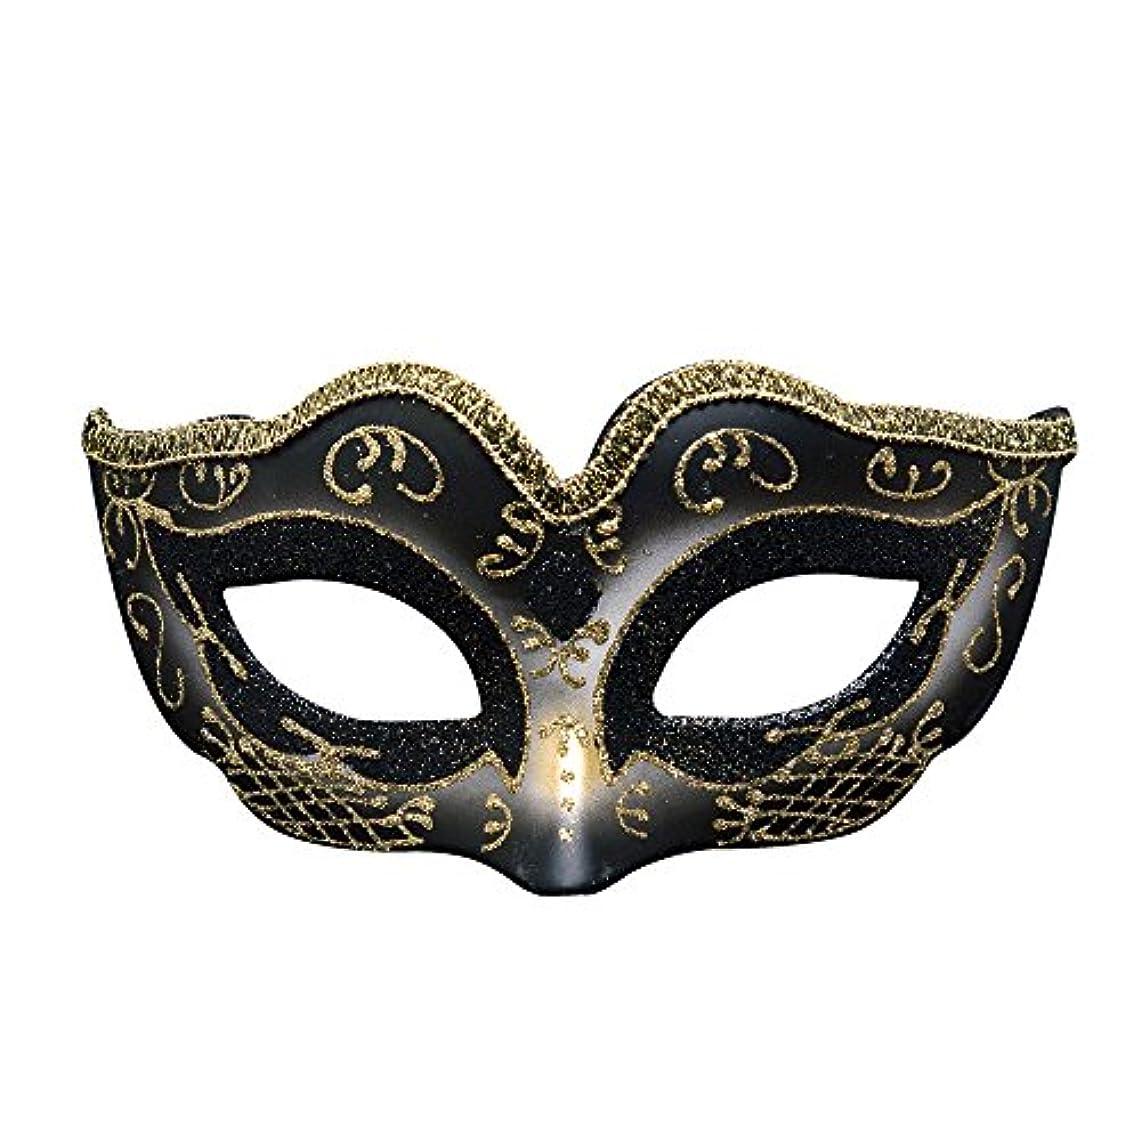 評価する誤解偏見クリエイティブカスタム子供のなりすましパーティーハロウィーンマスククリスマス雰囲気マスク (Color : B)